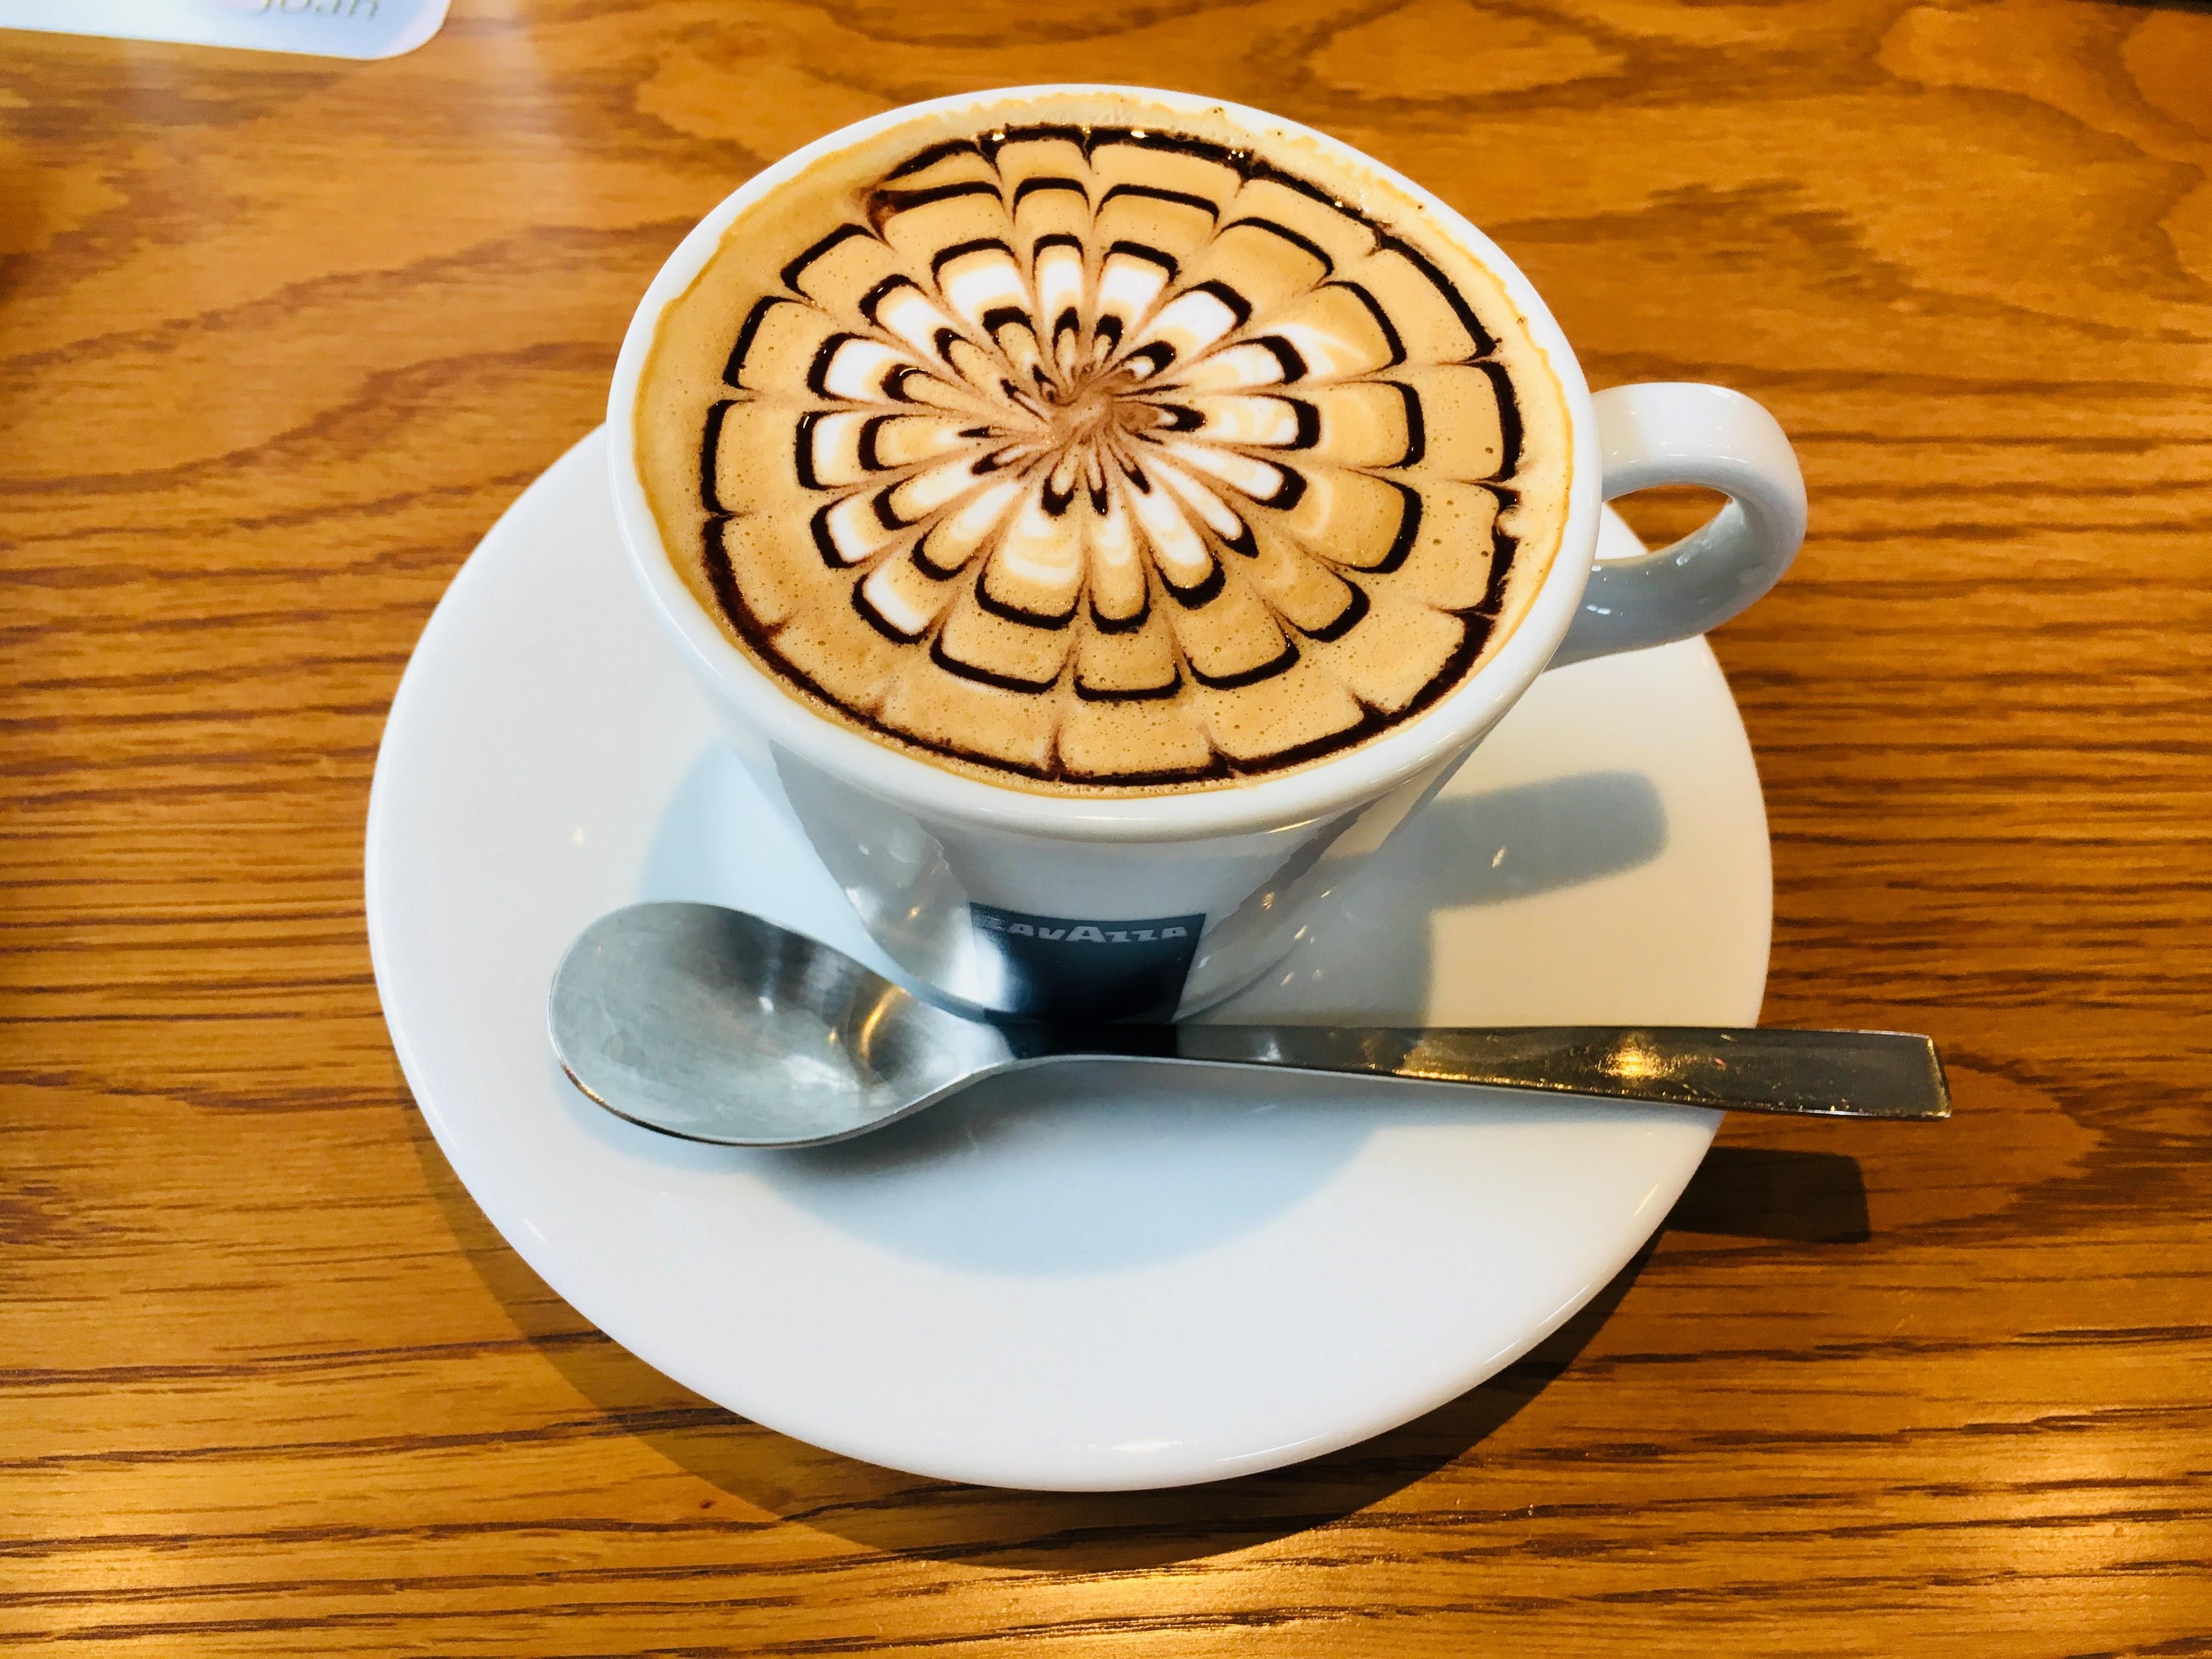 【Joan】東区のおしゃれでモダンな人気カフェがリニューアル!